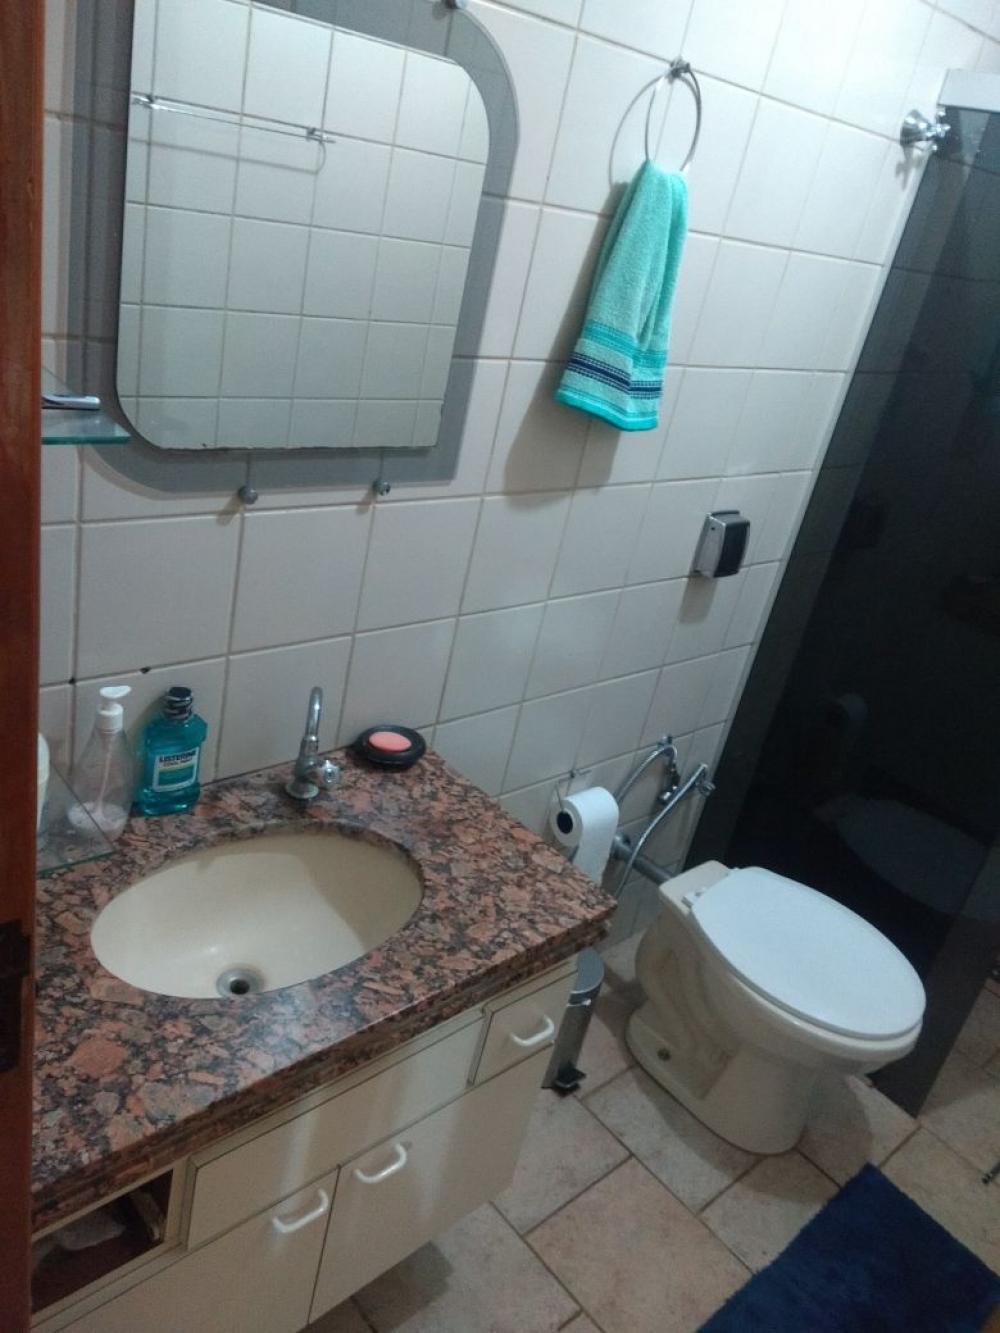 Comprar Apartamento / Padrão em São José do Rio Preto R$ 270.000,00 - Foto 4